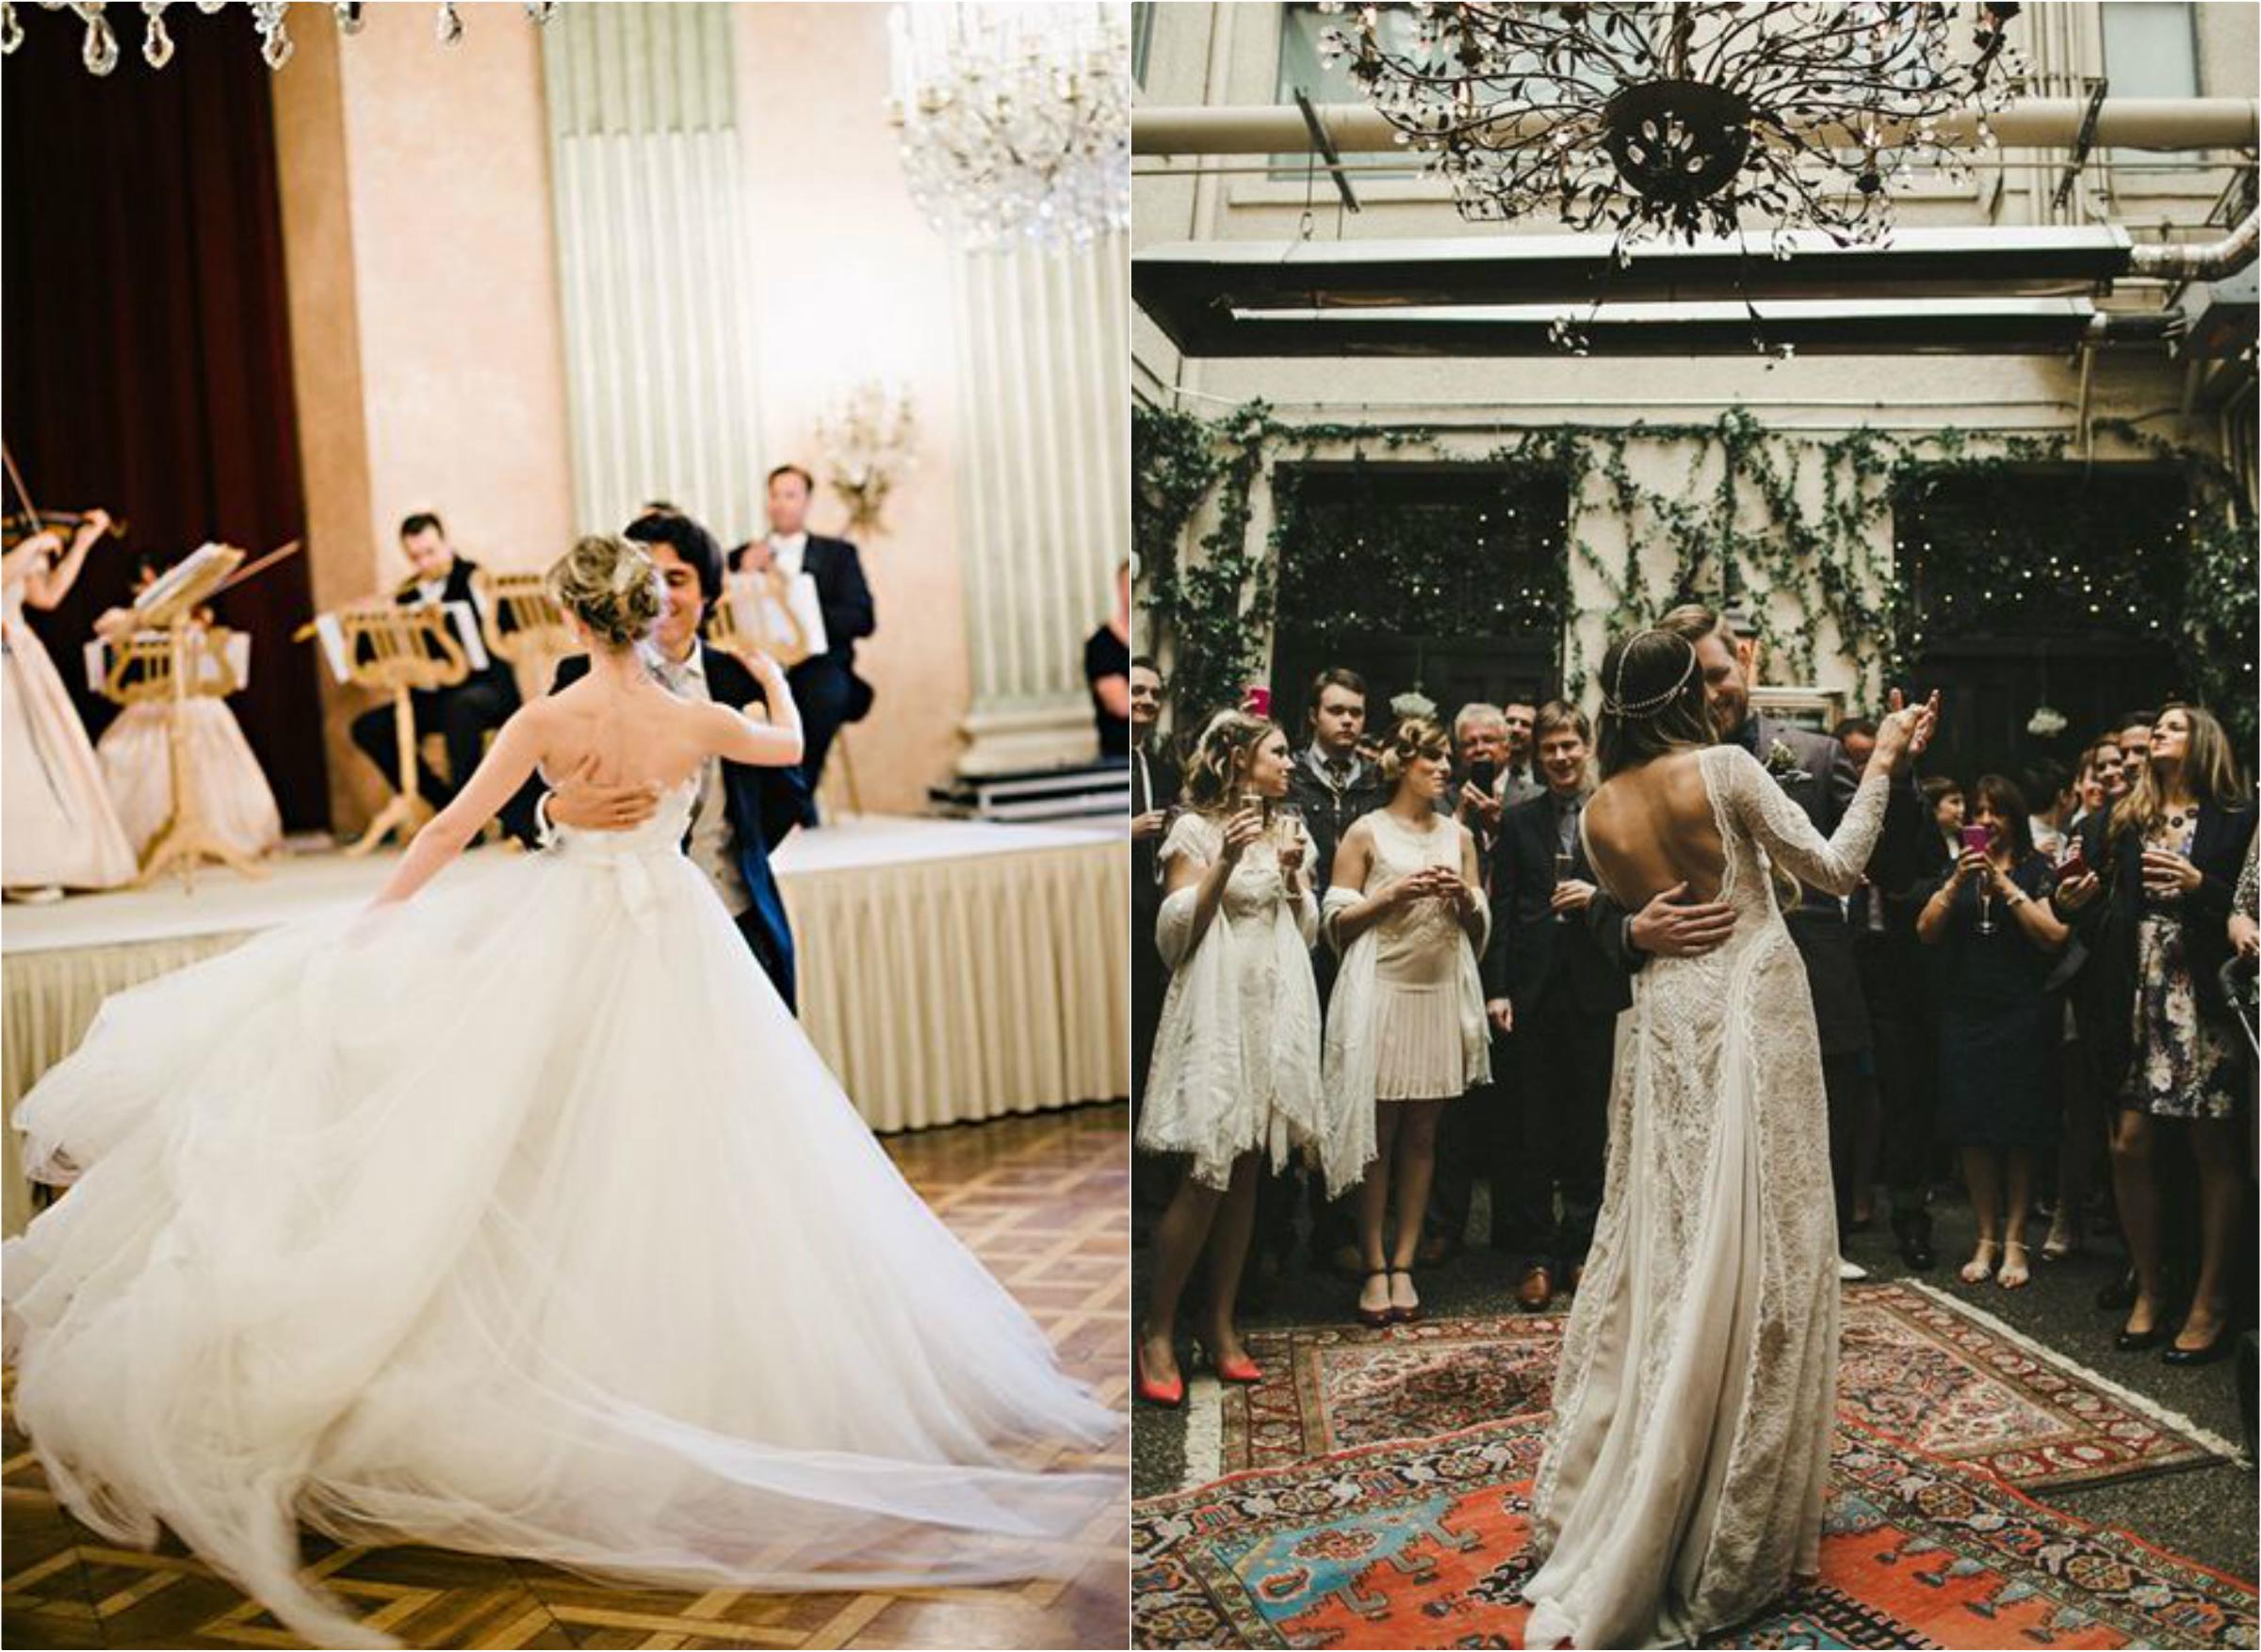 zespoły weselne czy dj na wesele?